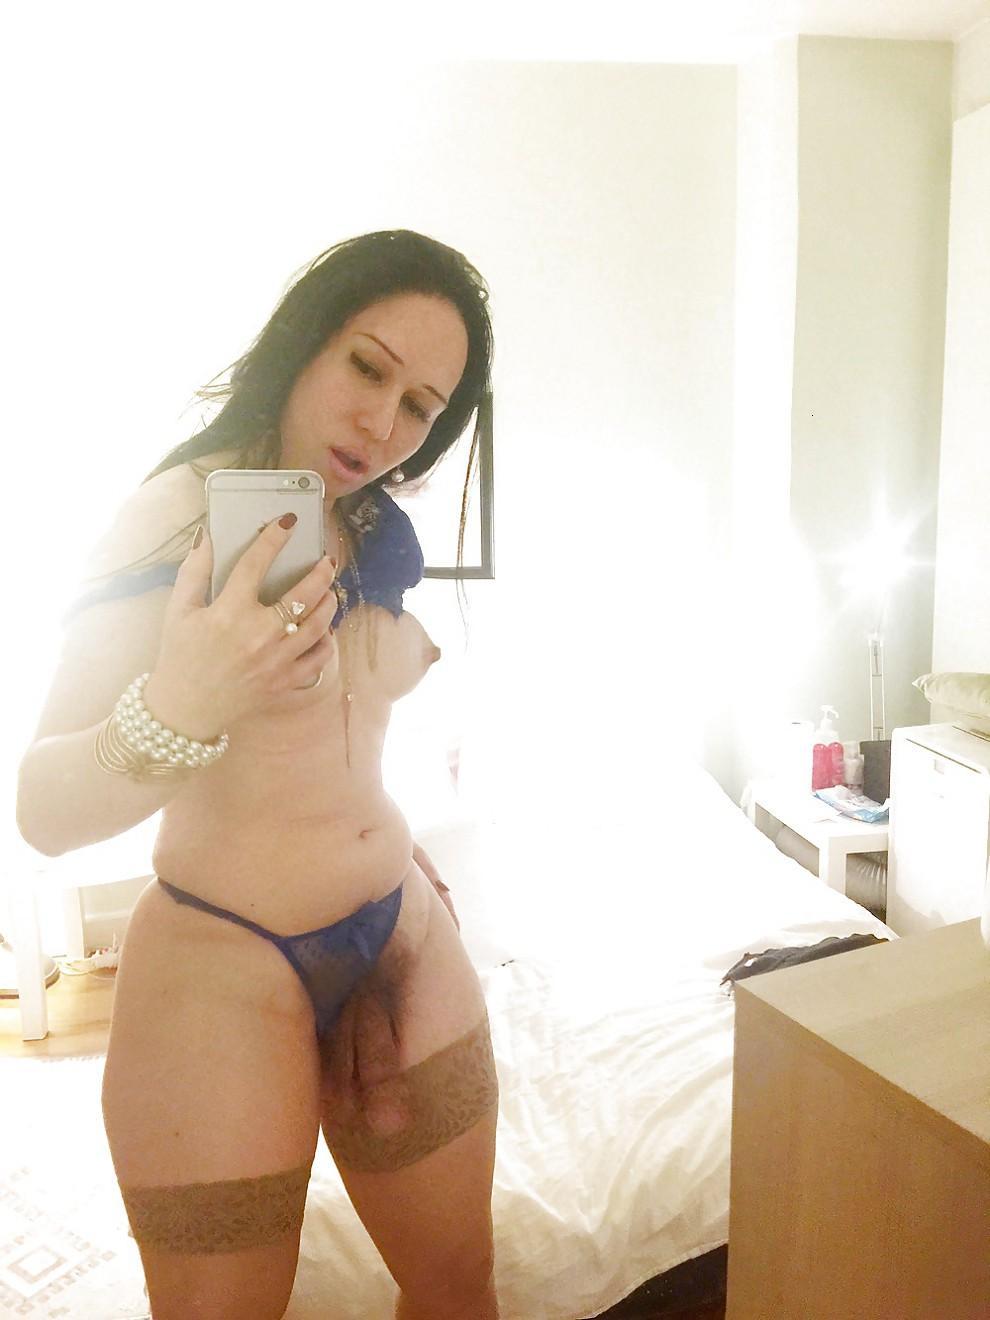 Нудисты  Смотреть порно видео онлайн нудисты порно смотреть